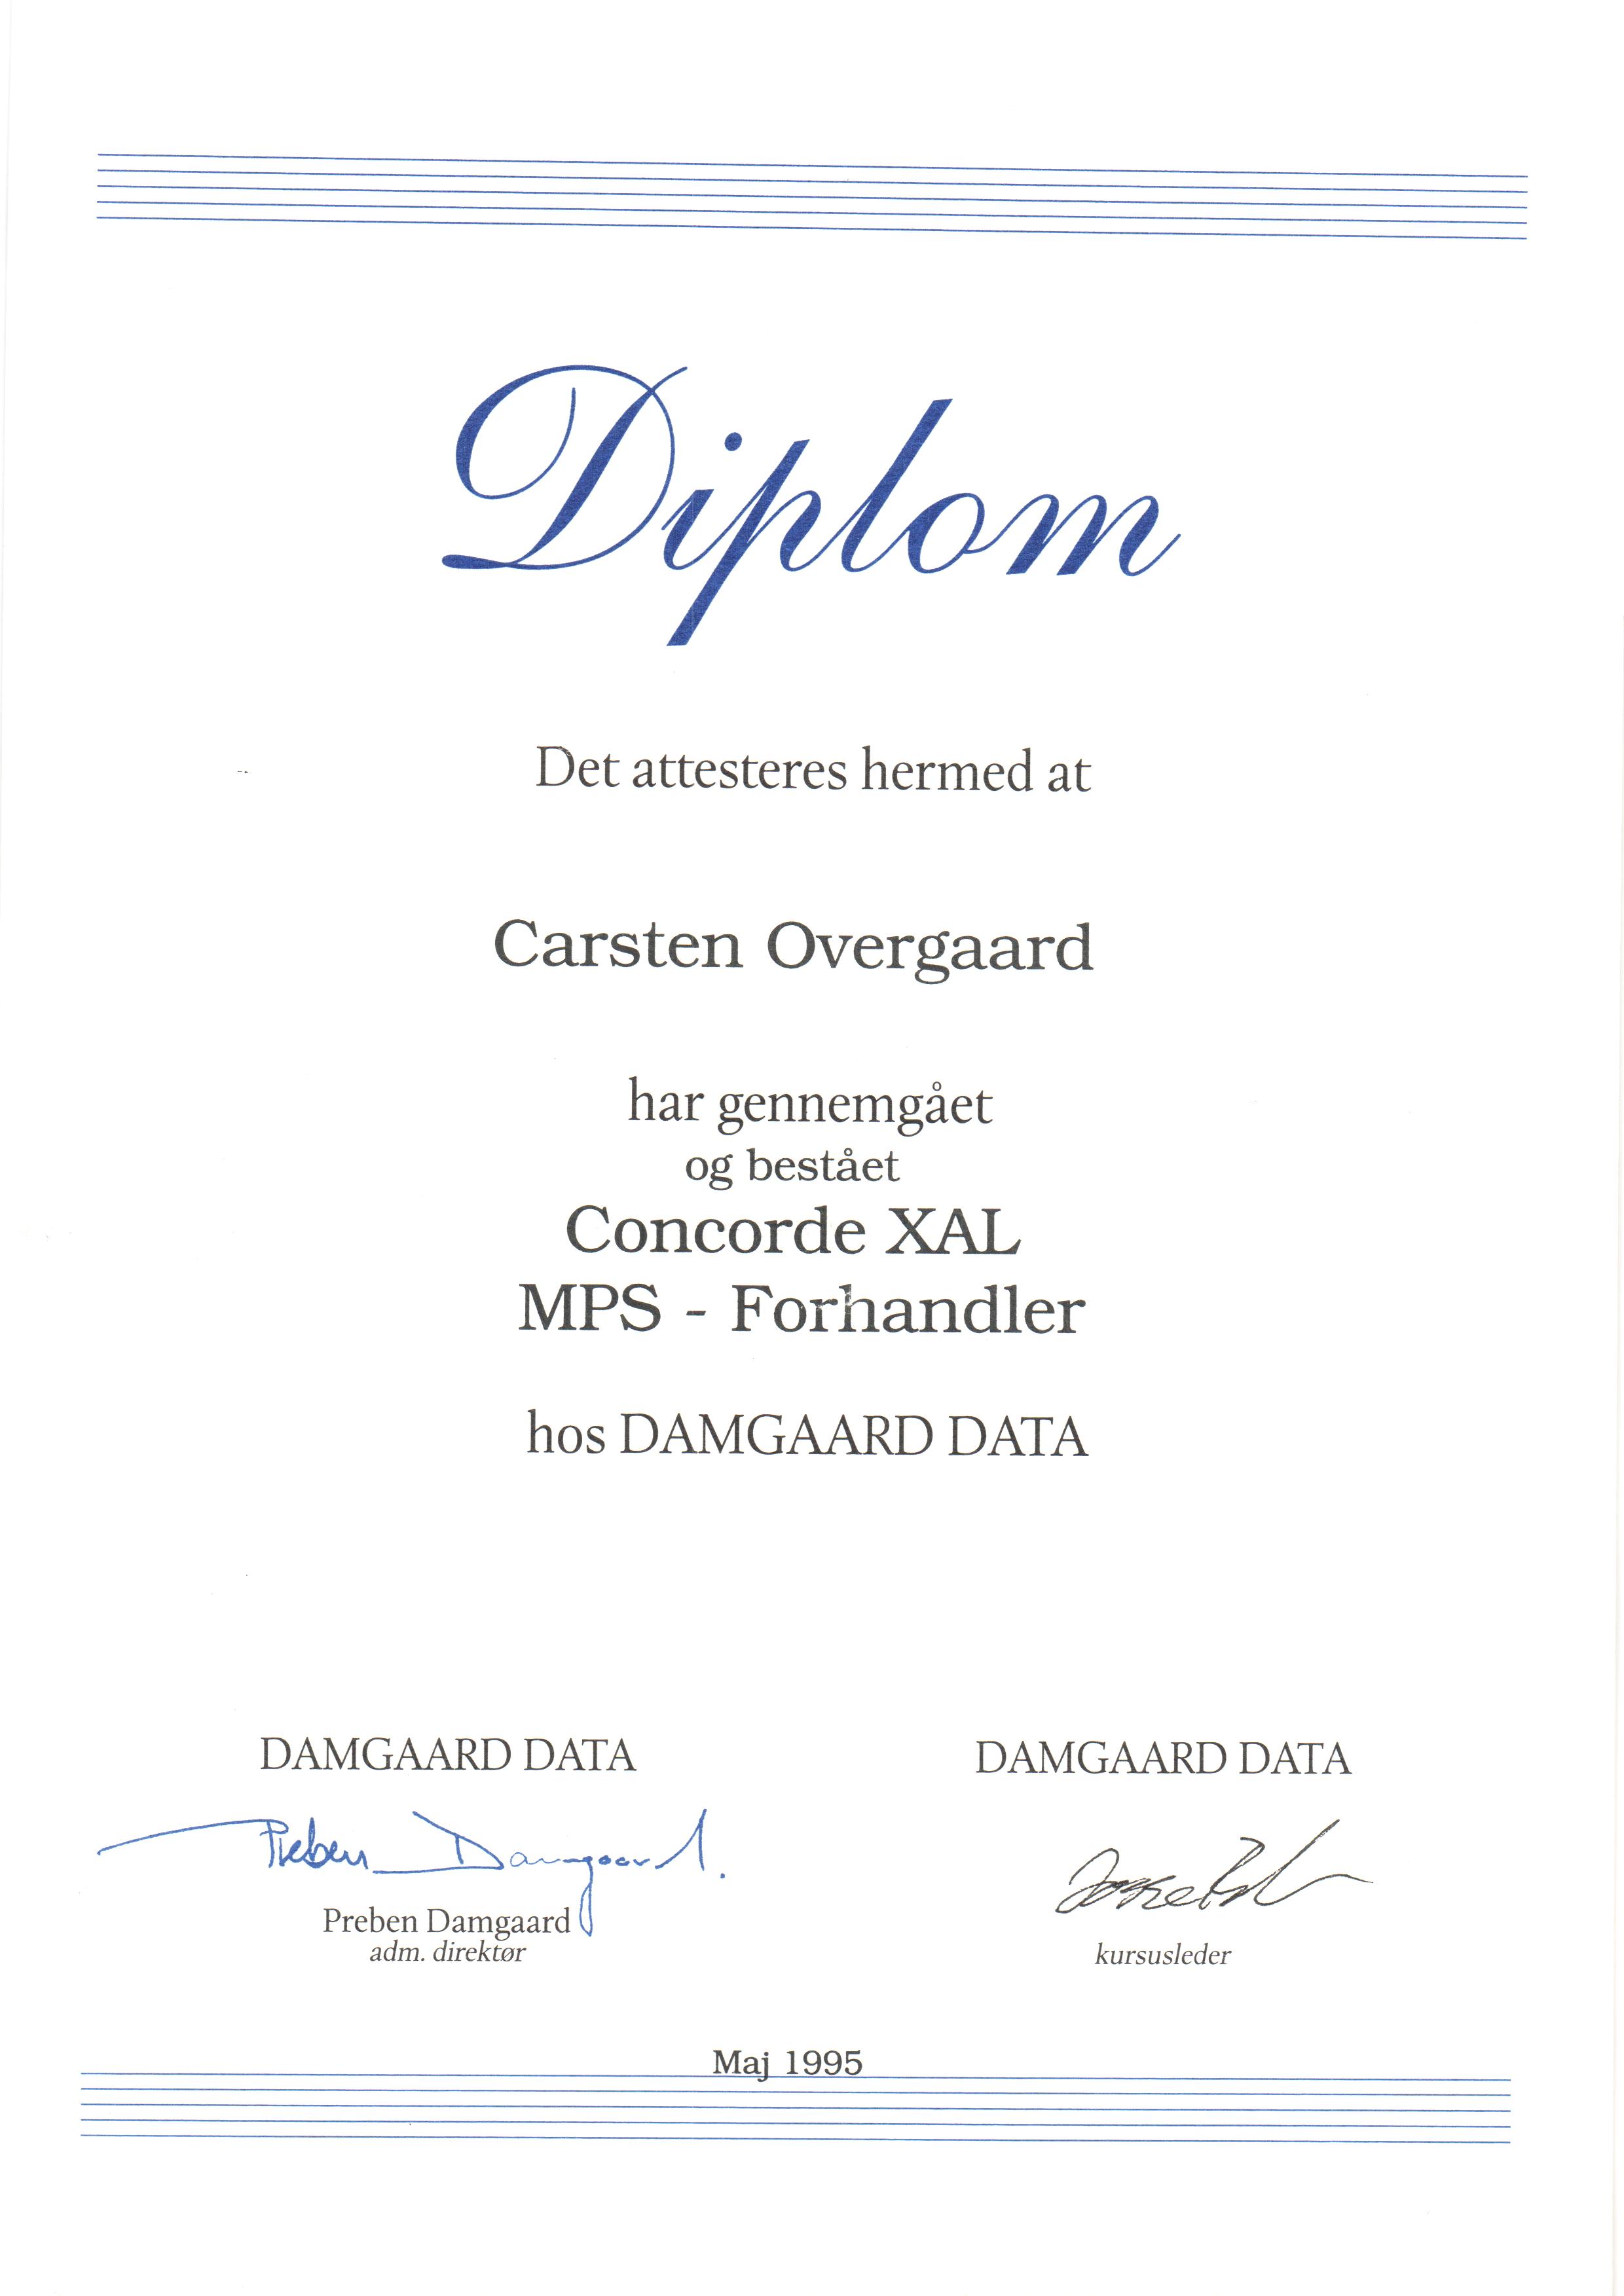 Certifikat: Concorde XAL MPS - Forhandler